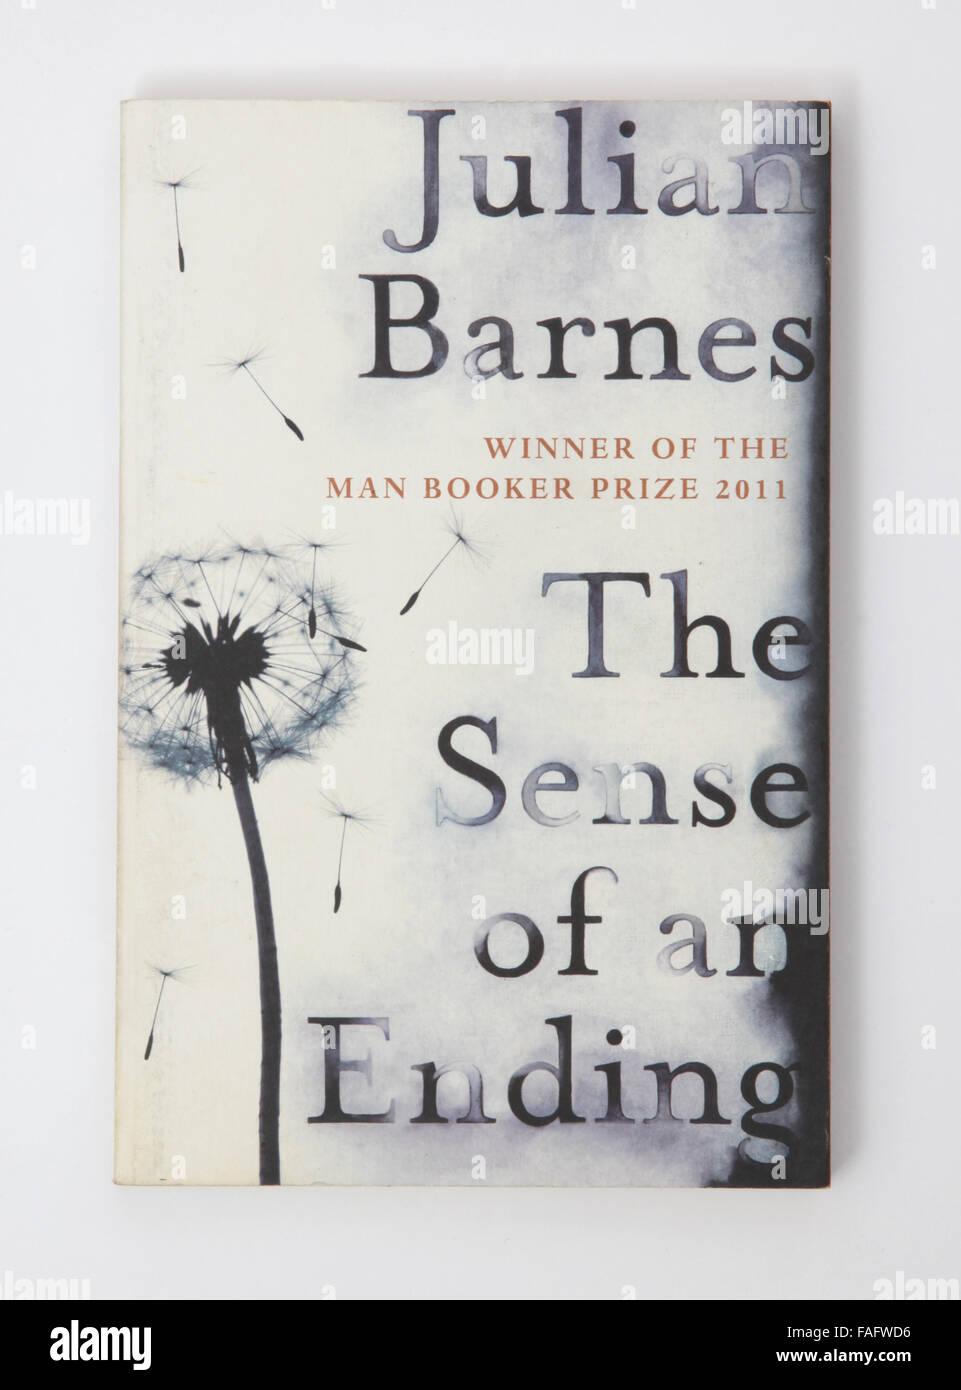 Il libro - il senso di un finale di Julian Barnes. Vincitore del Man Booker Prize 2011 Immagini Stock